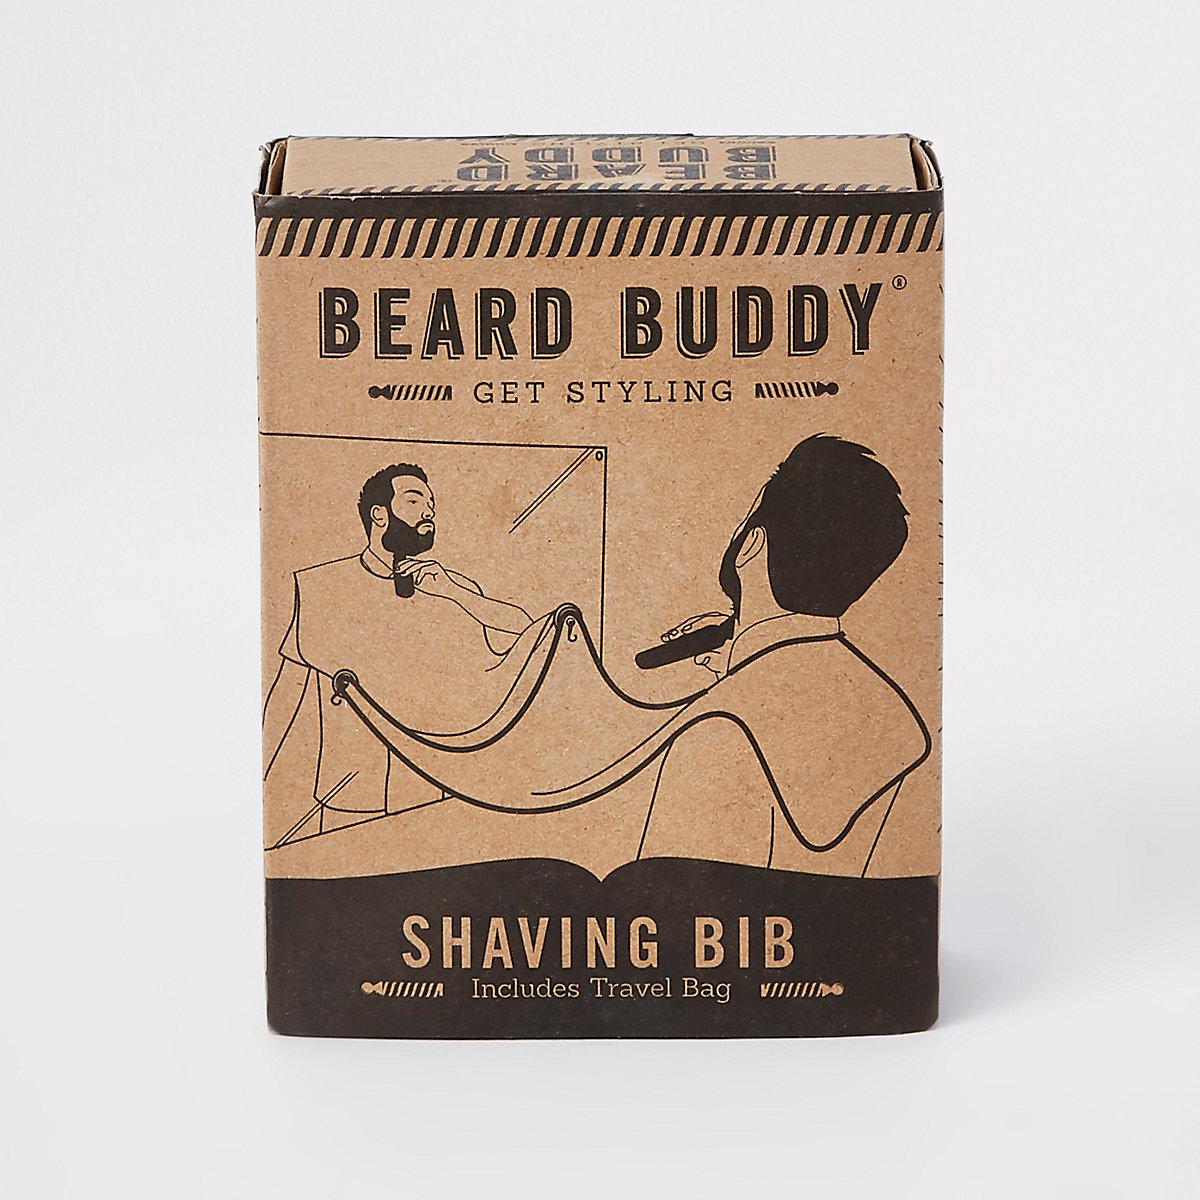 Grooming beard buddy shaving bib